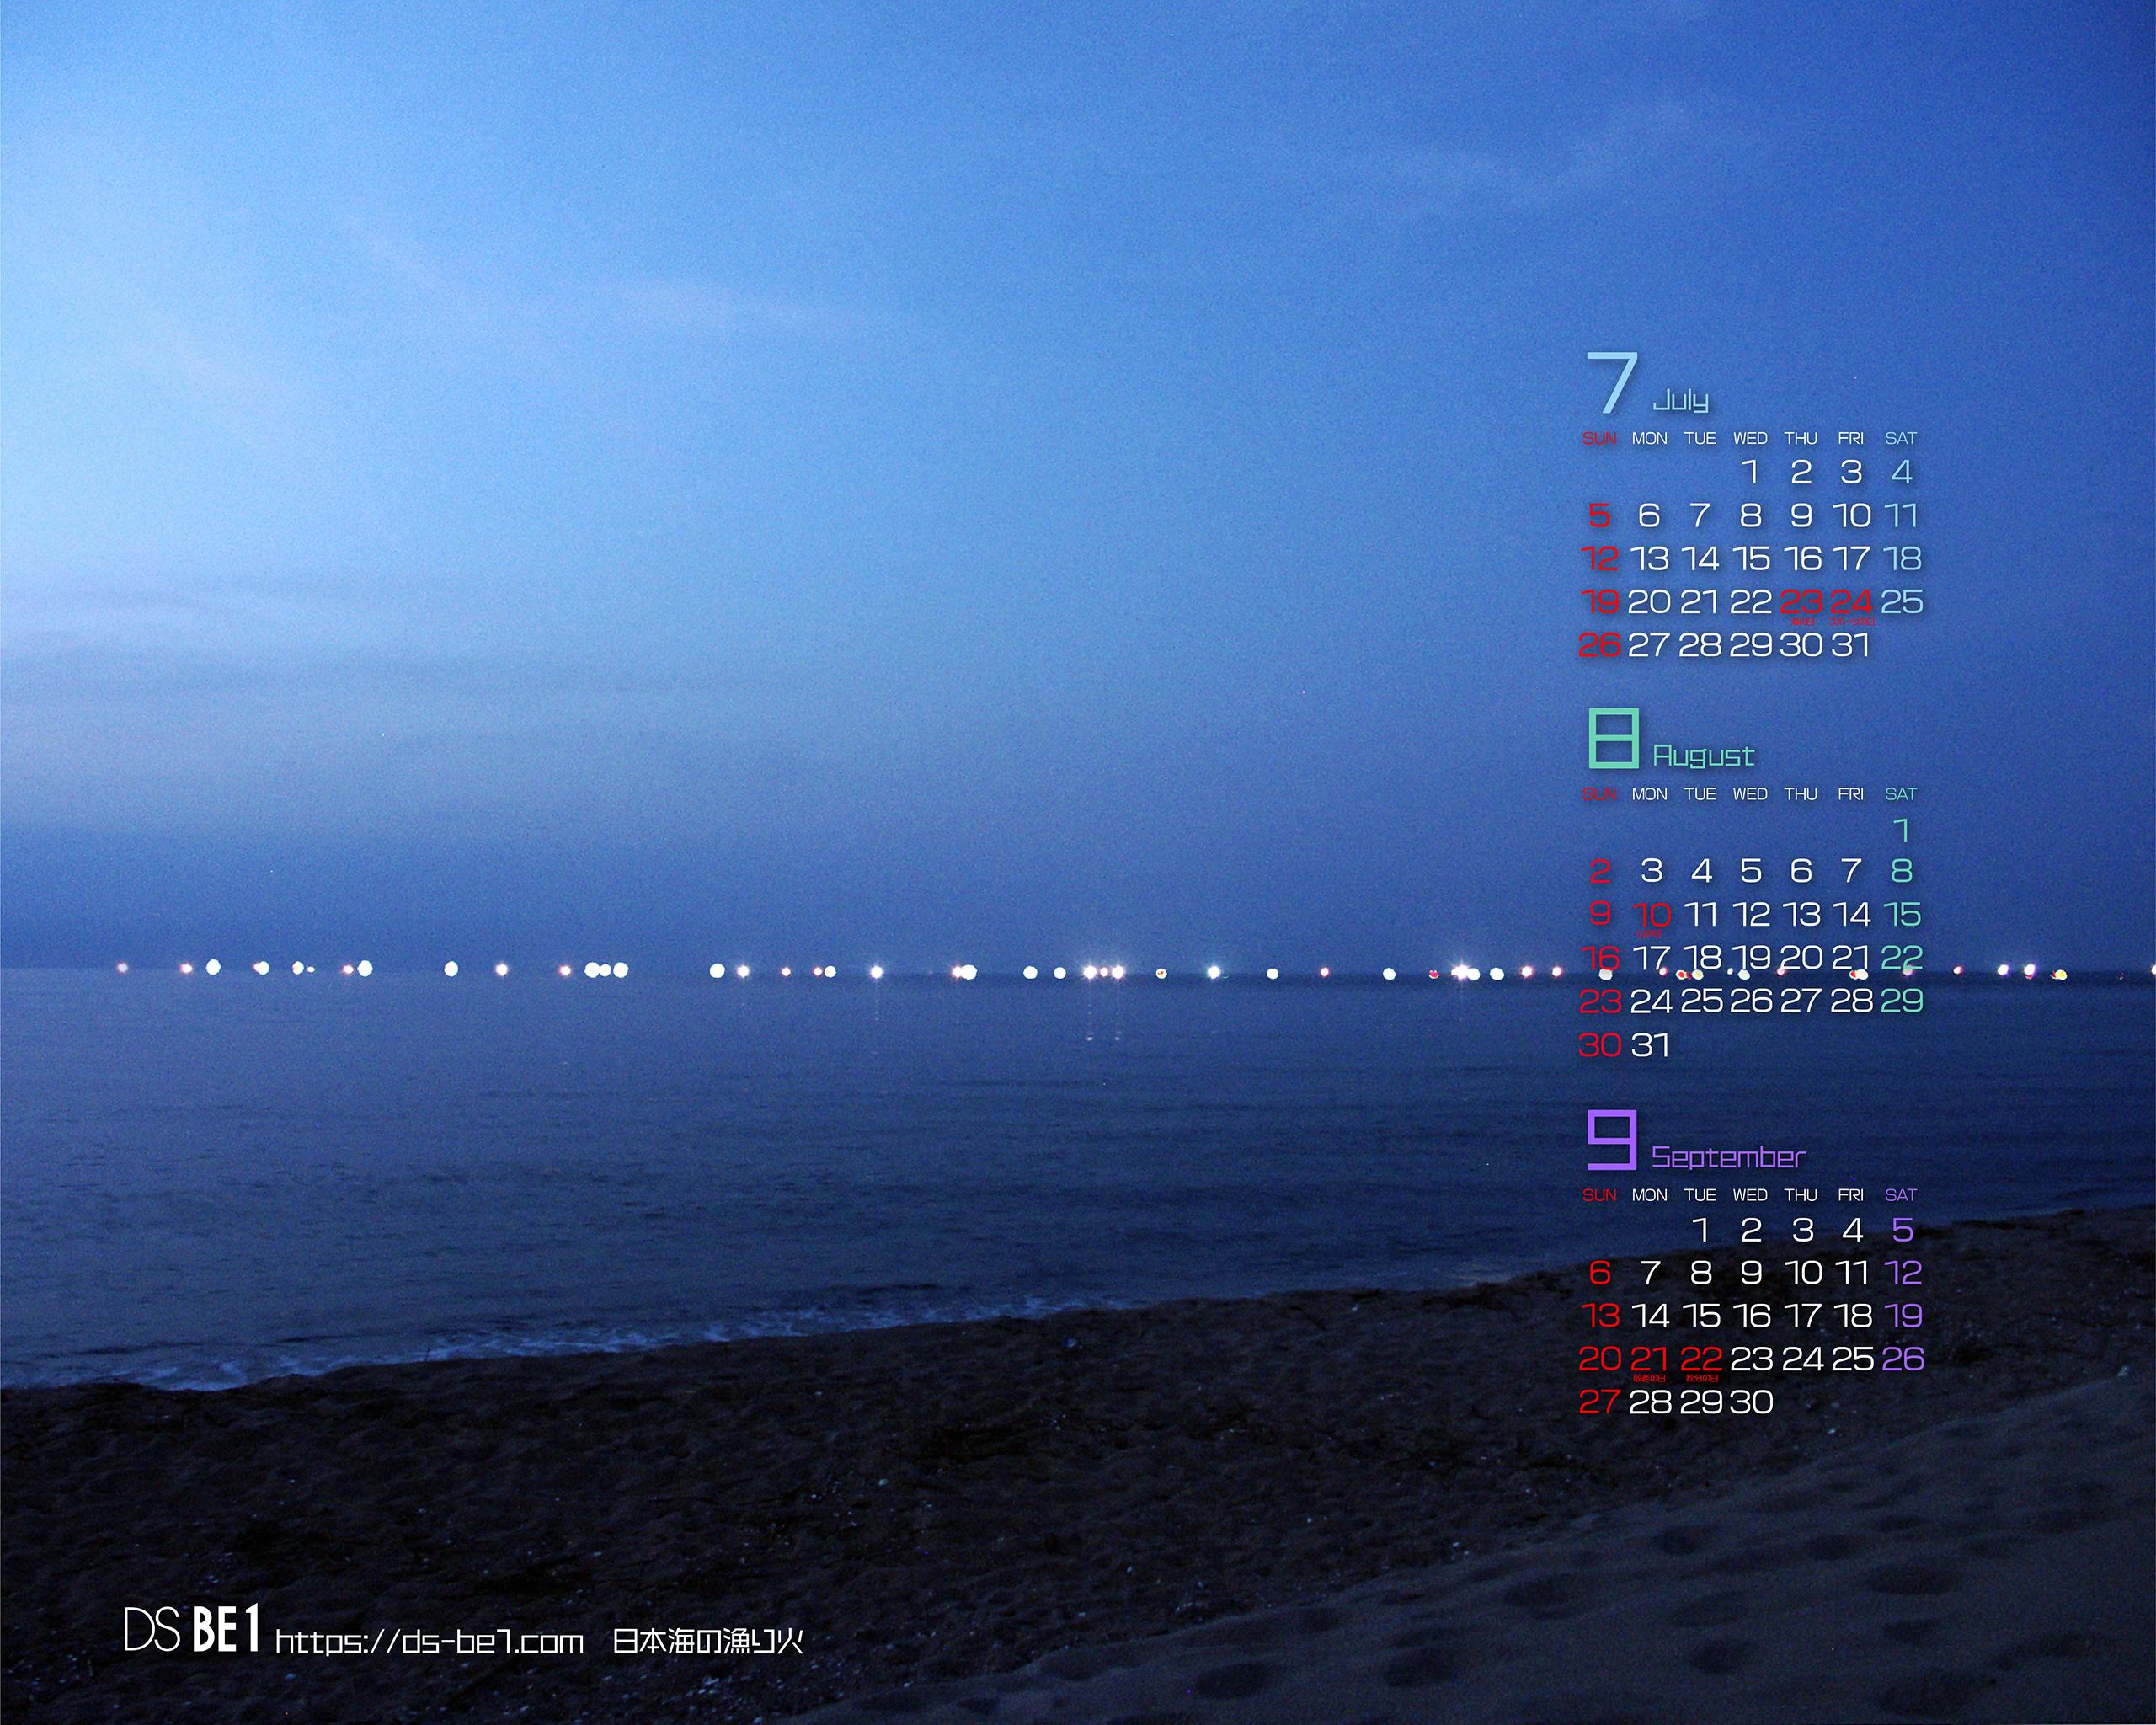 ビーワン 季節の壁紙カレンダー3ヶ月 年7月 パソコンデスクトップ スマホ用 ダウンロード無料 フリー